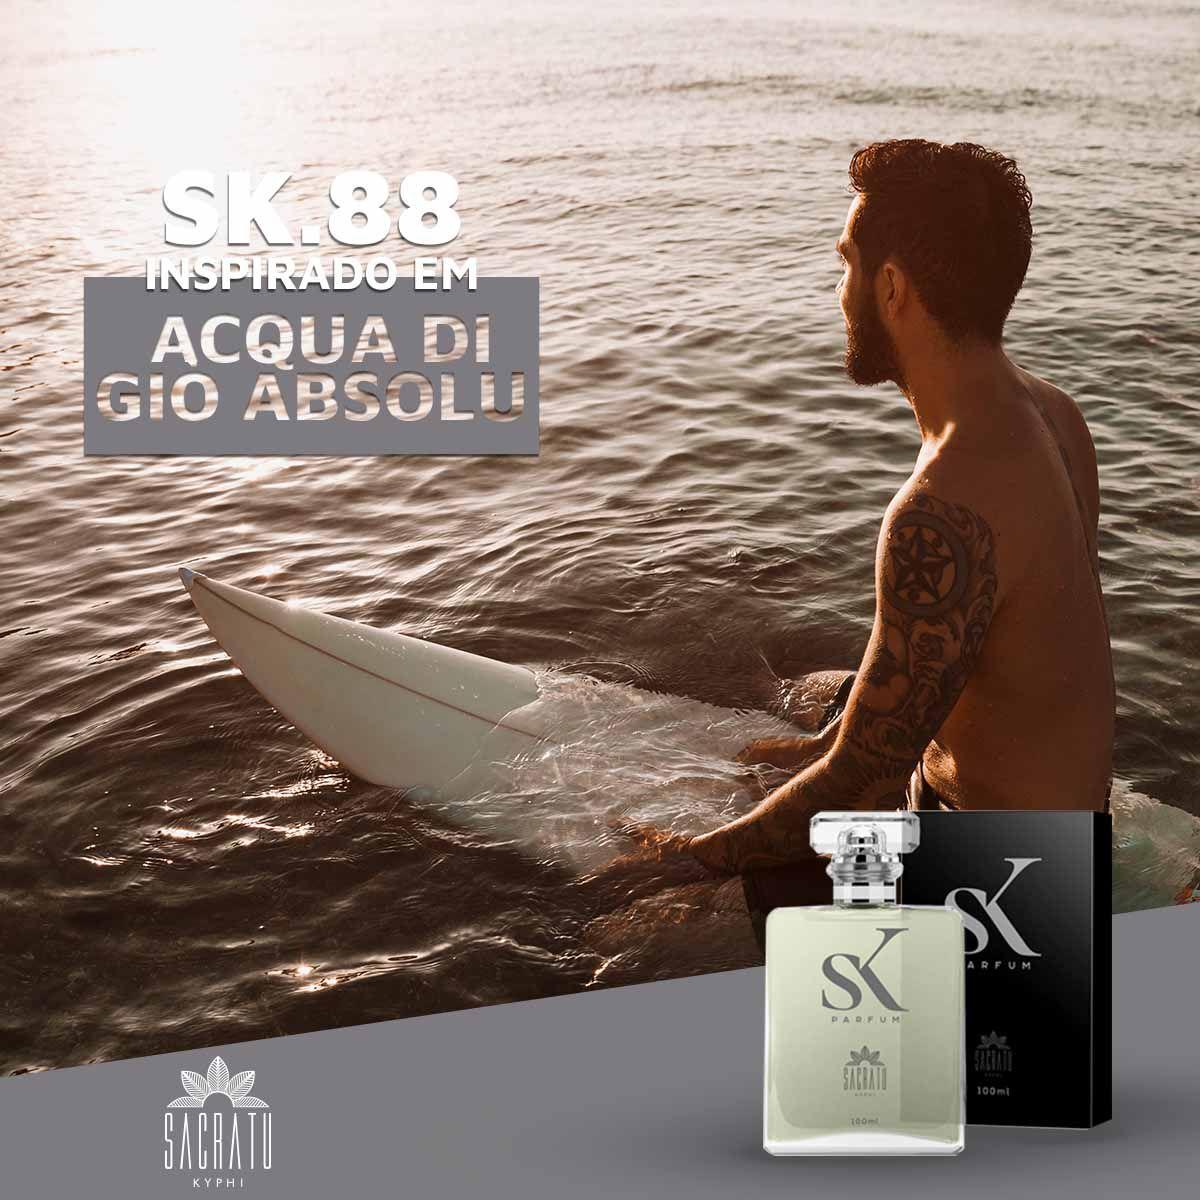 SK 88 – Inspirado em Acqua di Giò Absolu